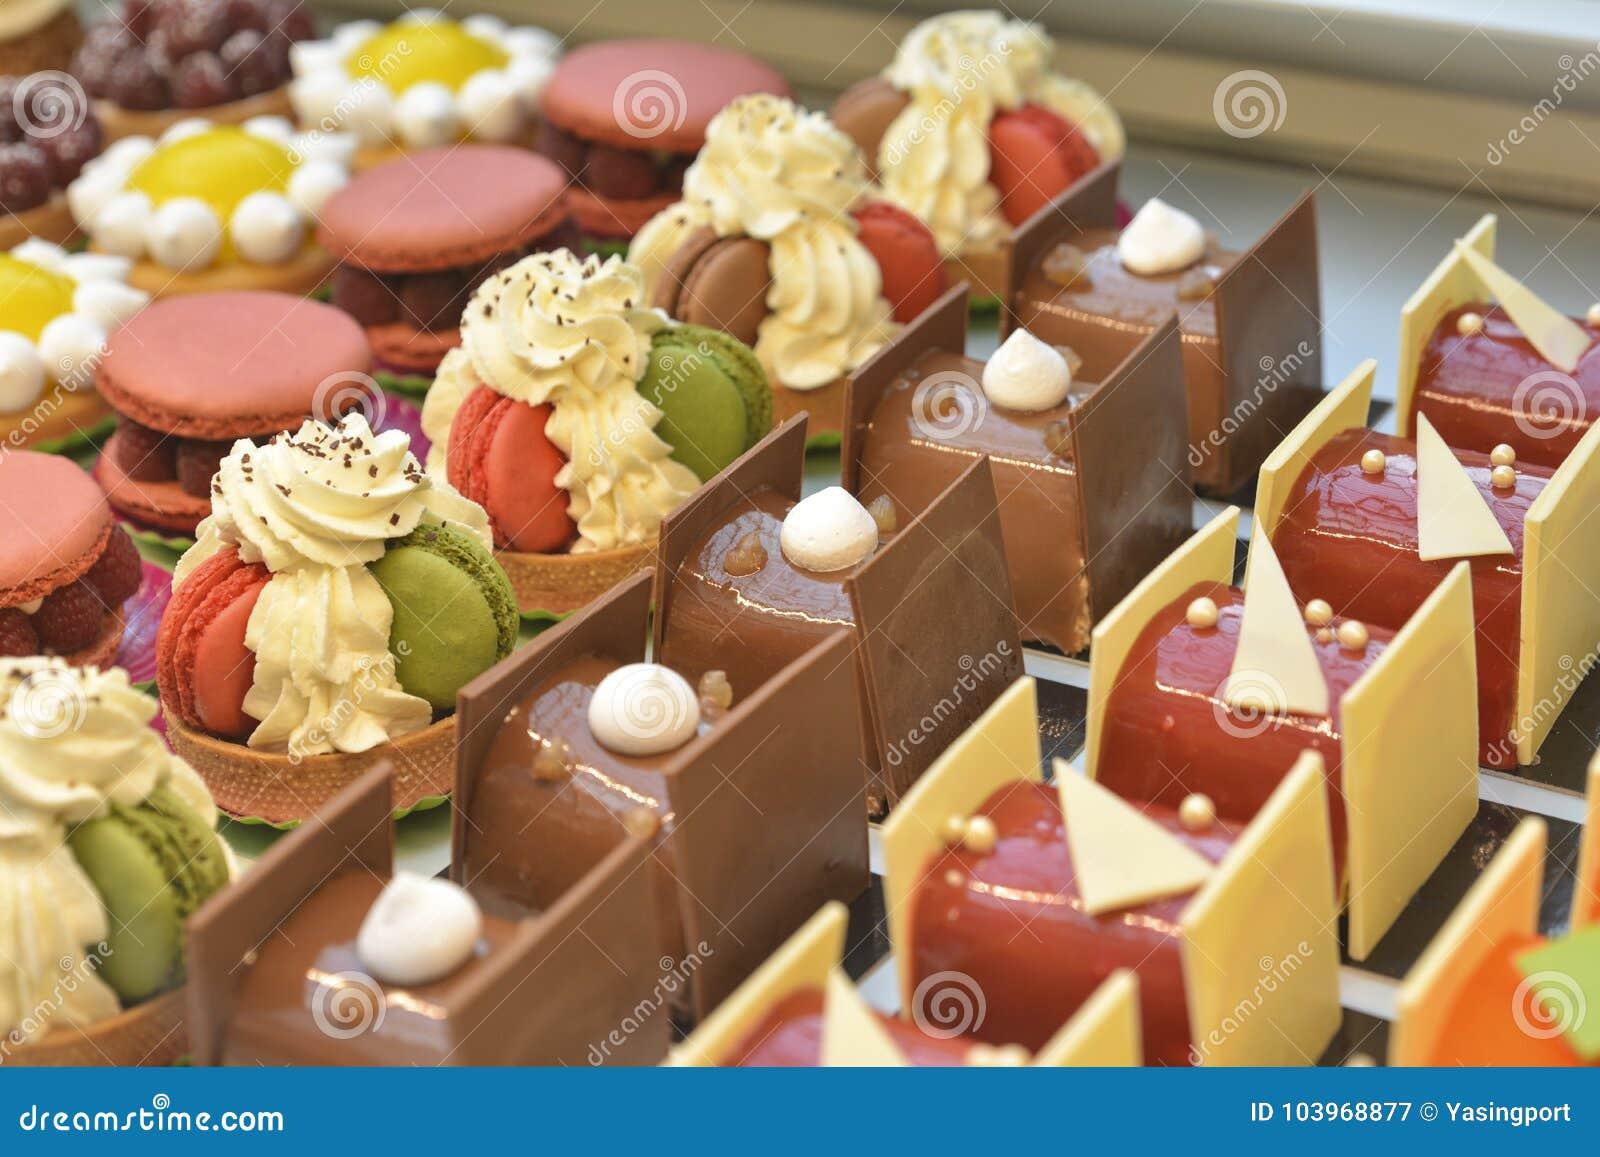 Französisches Gebäck Schokoladenkuchenmacaron und -andere zeigen an einen Süßigkeitenshop an